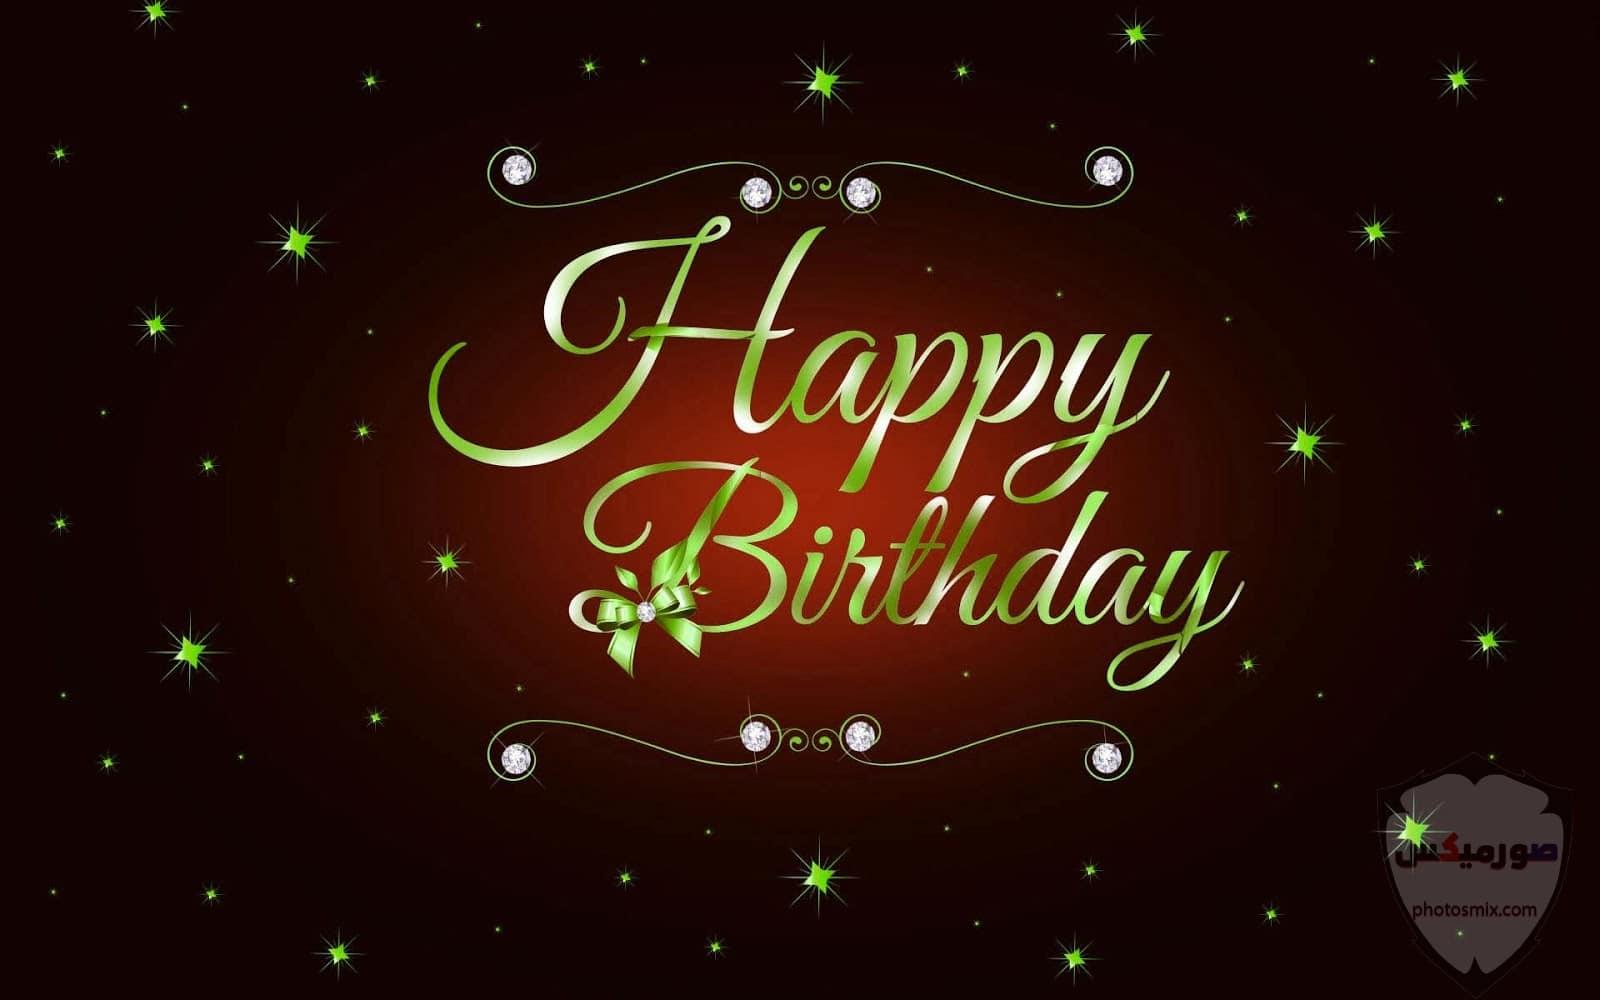 صور اعياد ميلاد صور تورتة اعياد الميلاد صور happy birth day صور تهنئة للفيس بوك 8